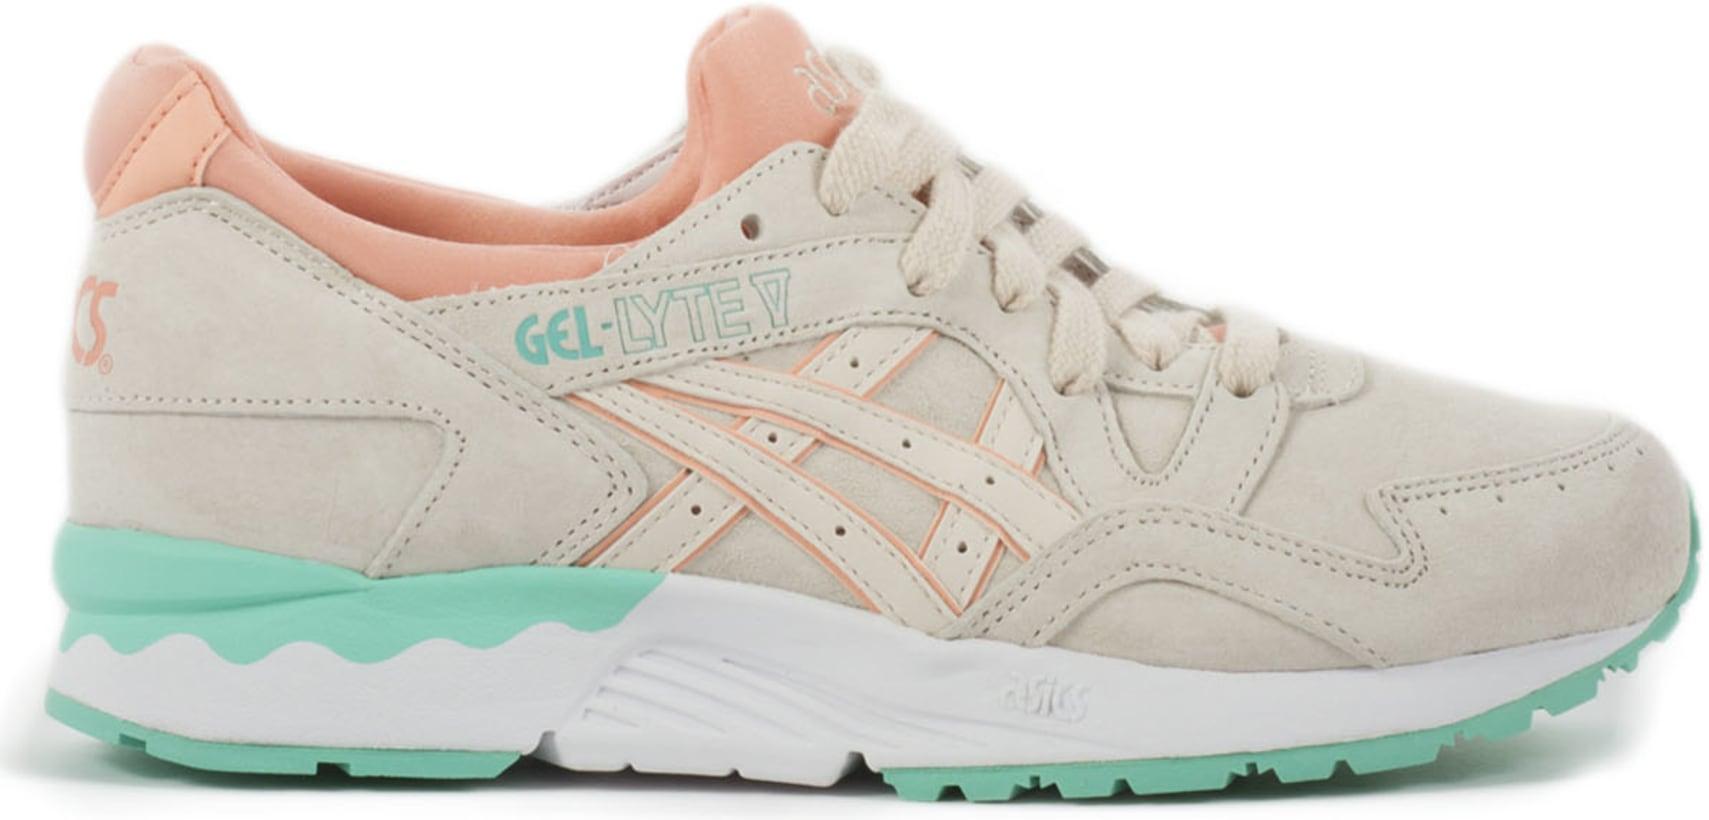 new arrival 3d3c9 8fd43 ASICS - Gel Lyte V Sneakers - Whisper Pink